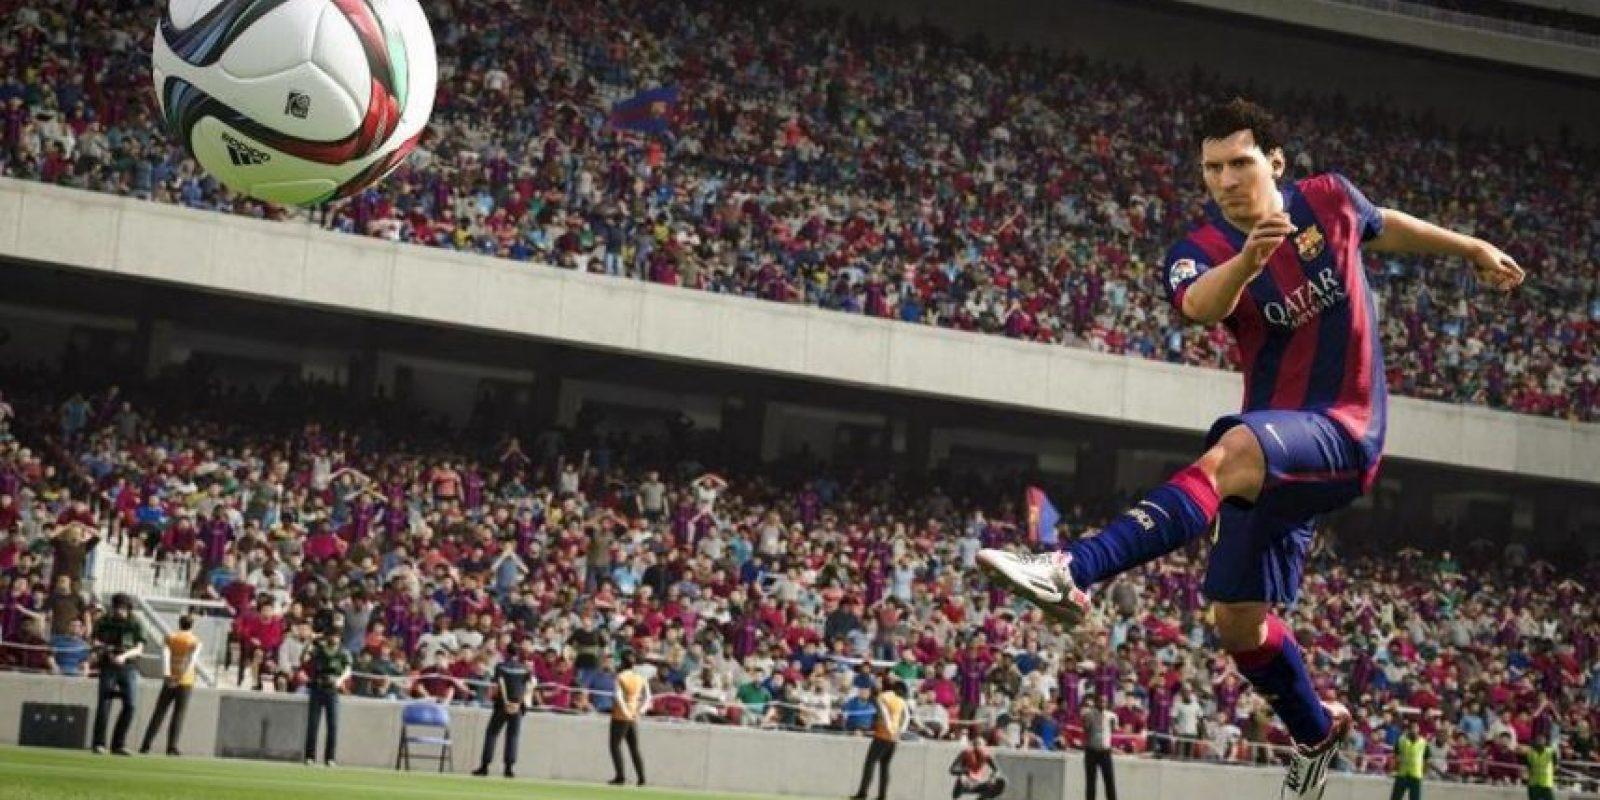 Ya no deberán volar el balón debido a que la colocación del pie y el tobillo de los futbolistas permiten un mejor golpeo del balón con potencia y precisión. Foto:EA Sports